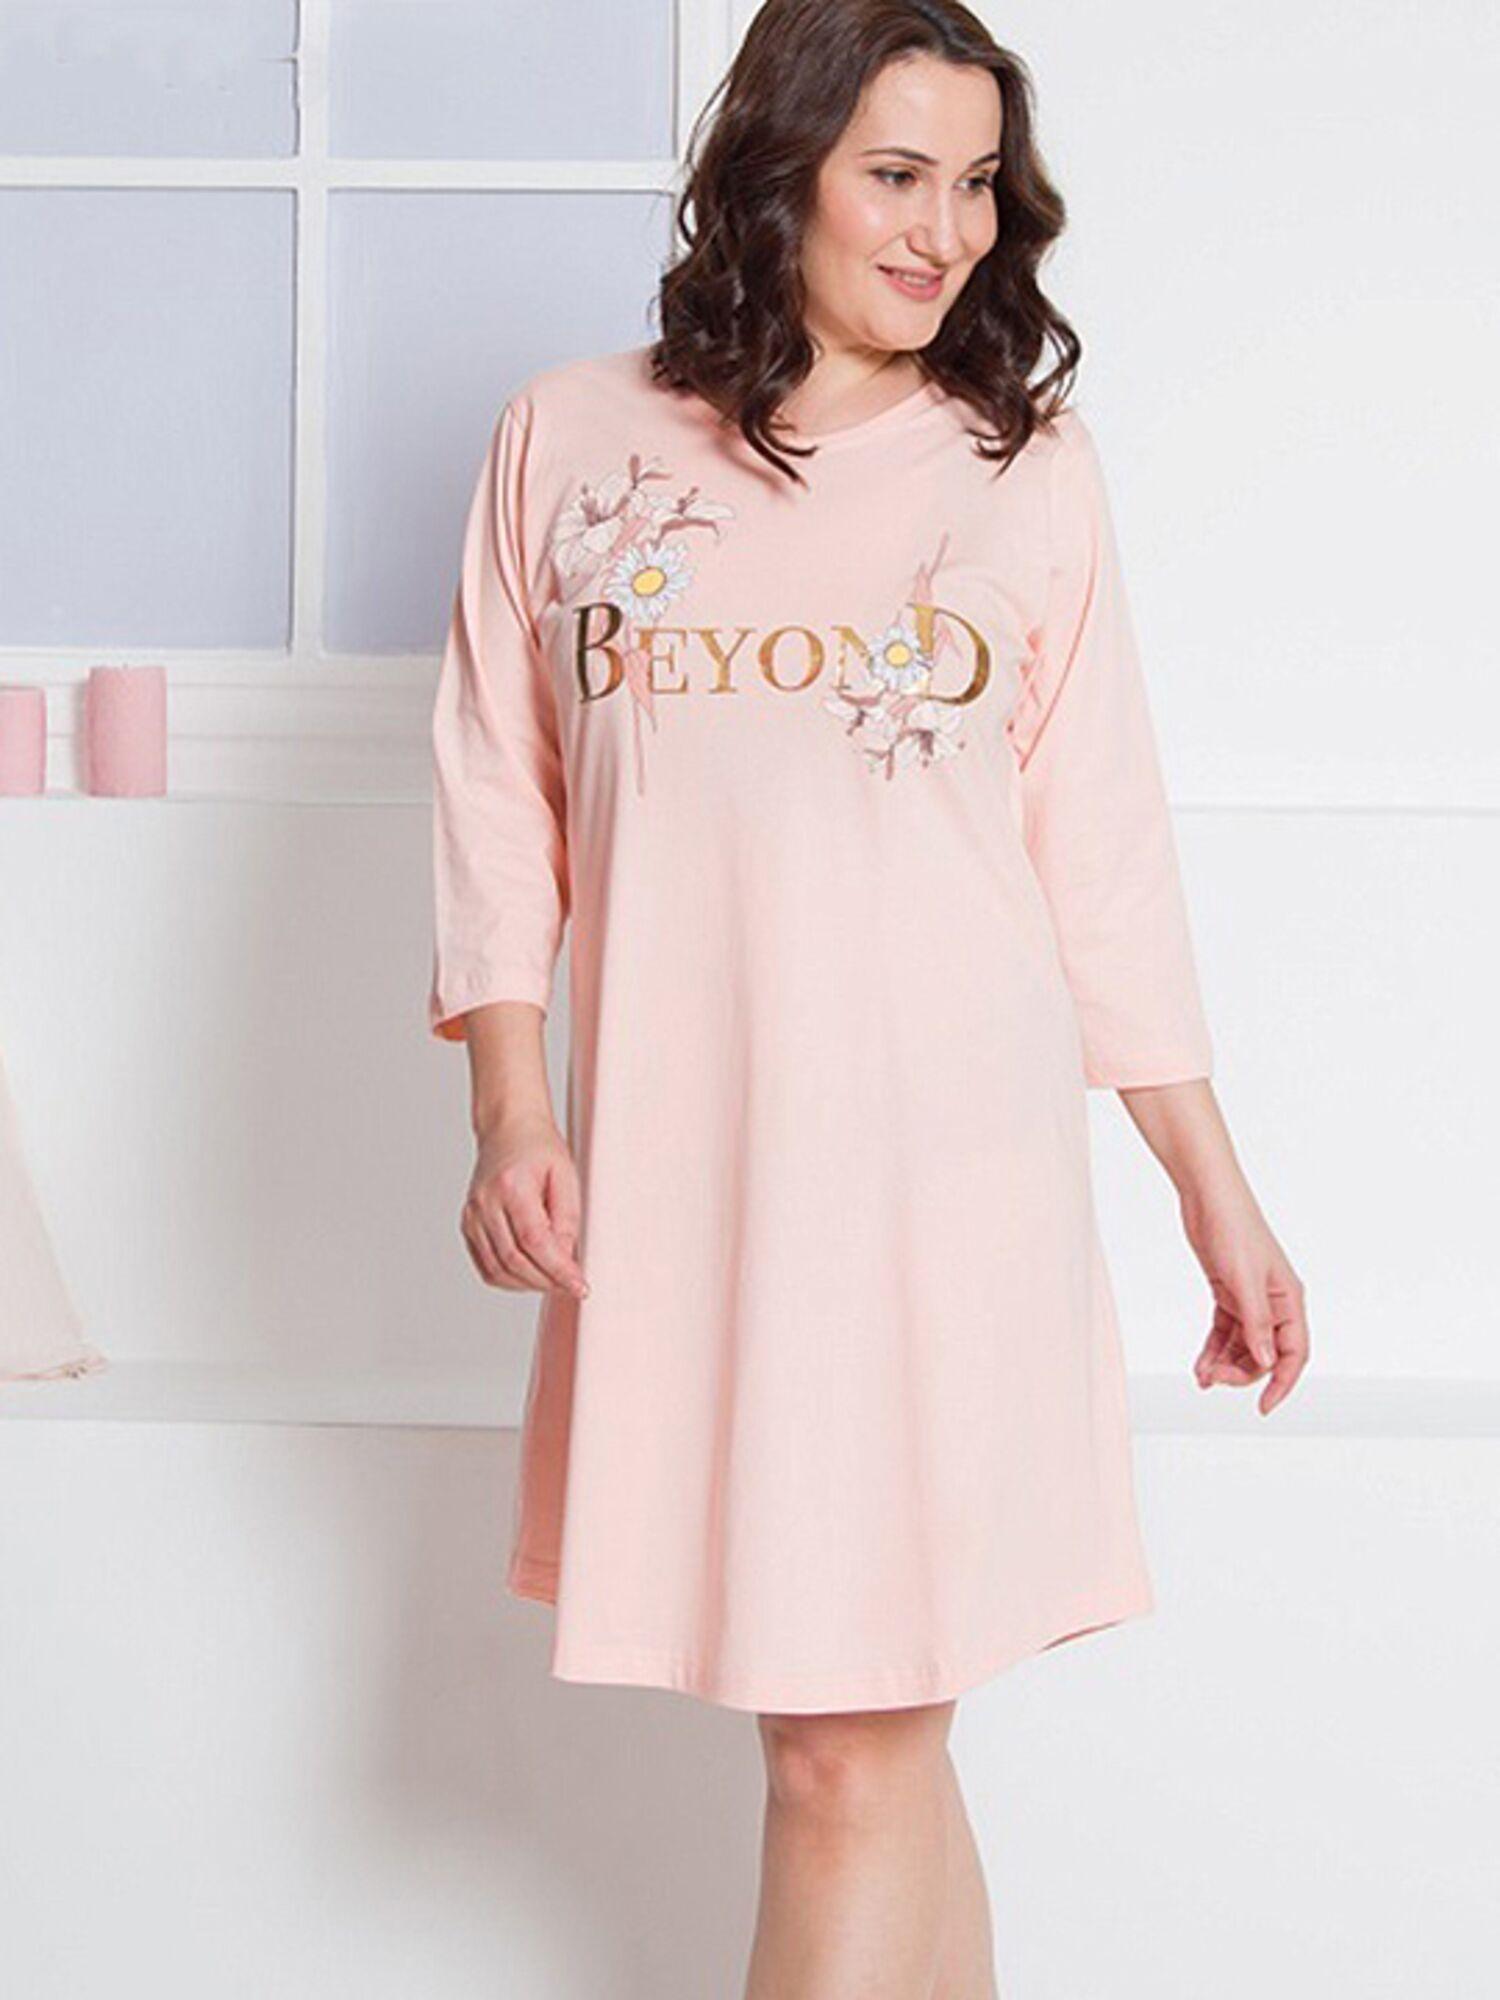 Сорочка женская хлопковая №002071 0000, розовый, Vienetta